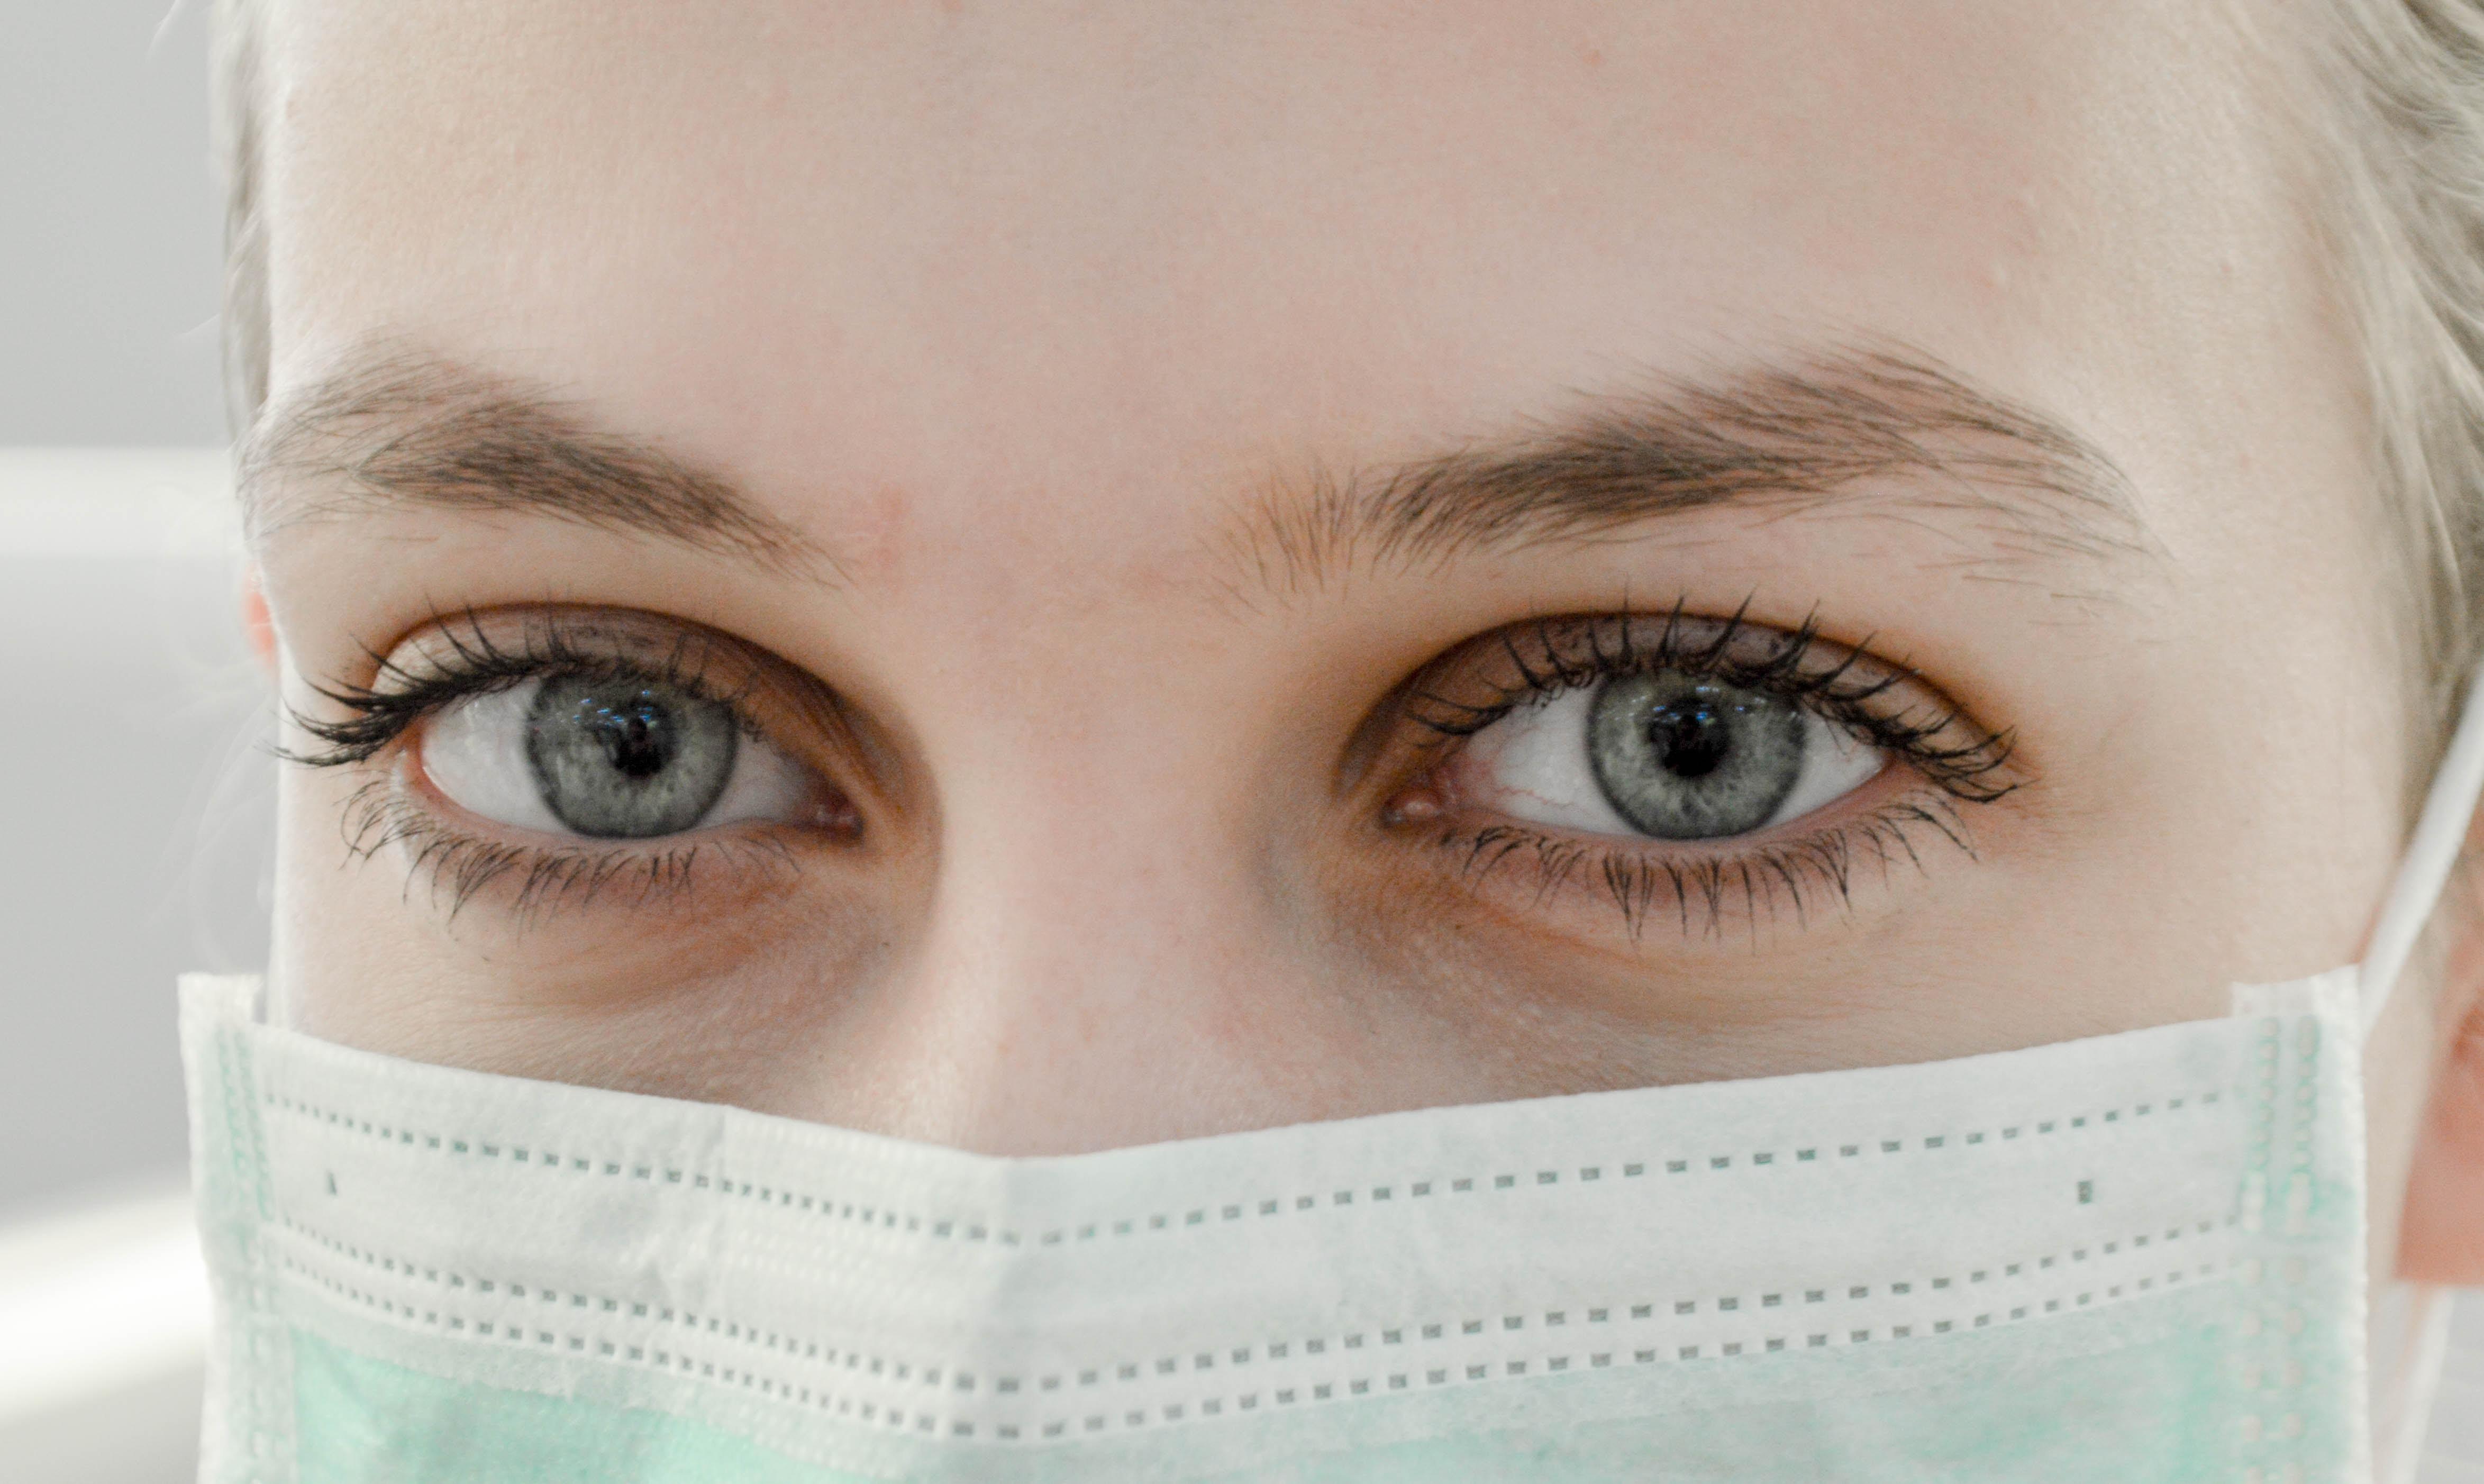 Sygeplejersker flytter til Norge (Foto: Unsplash)